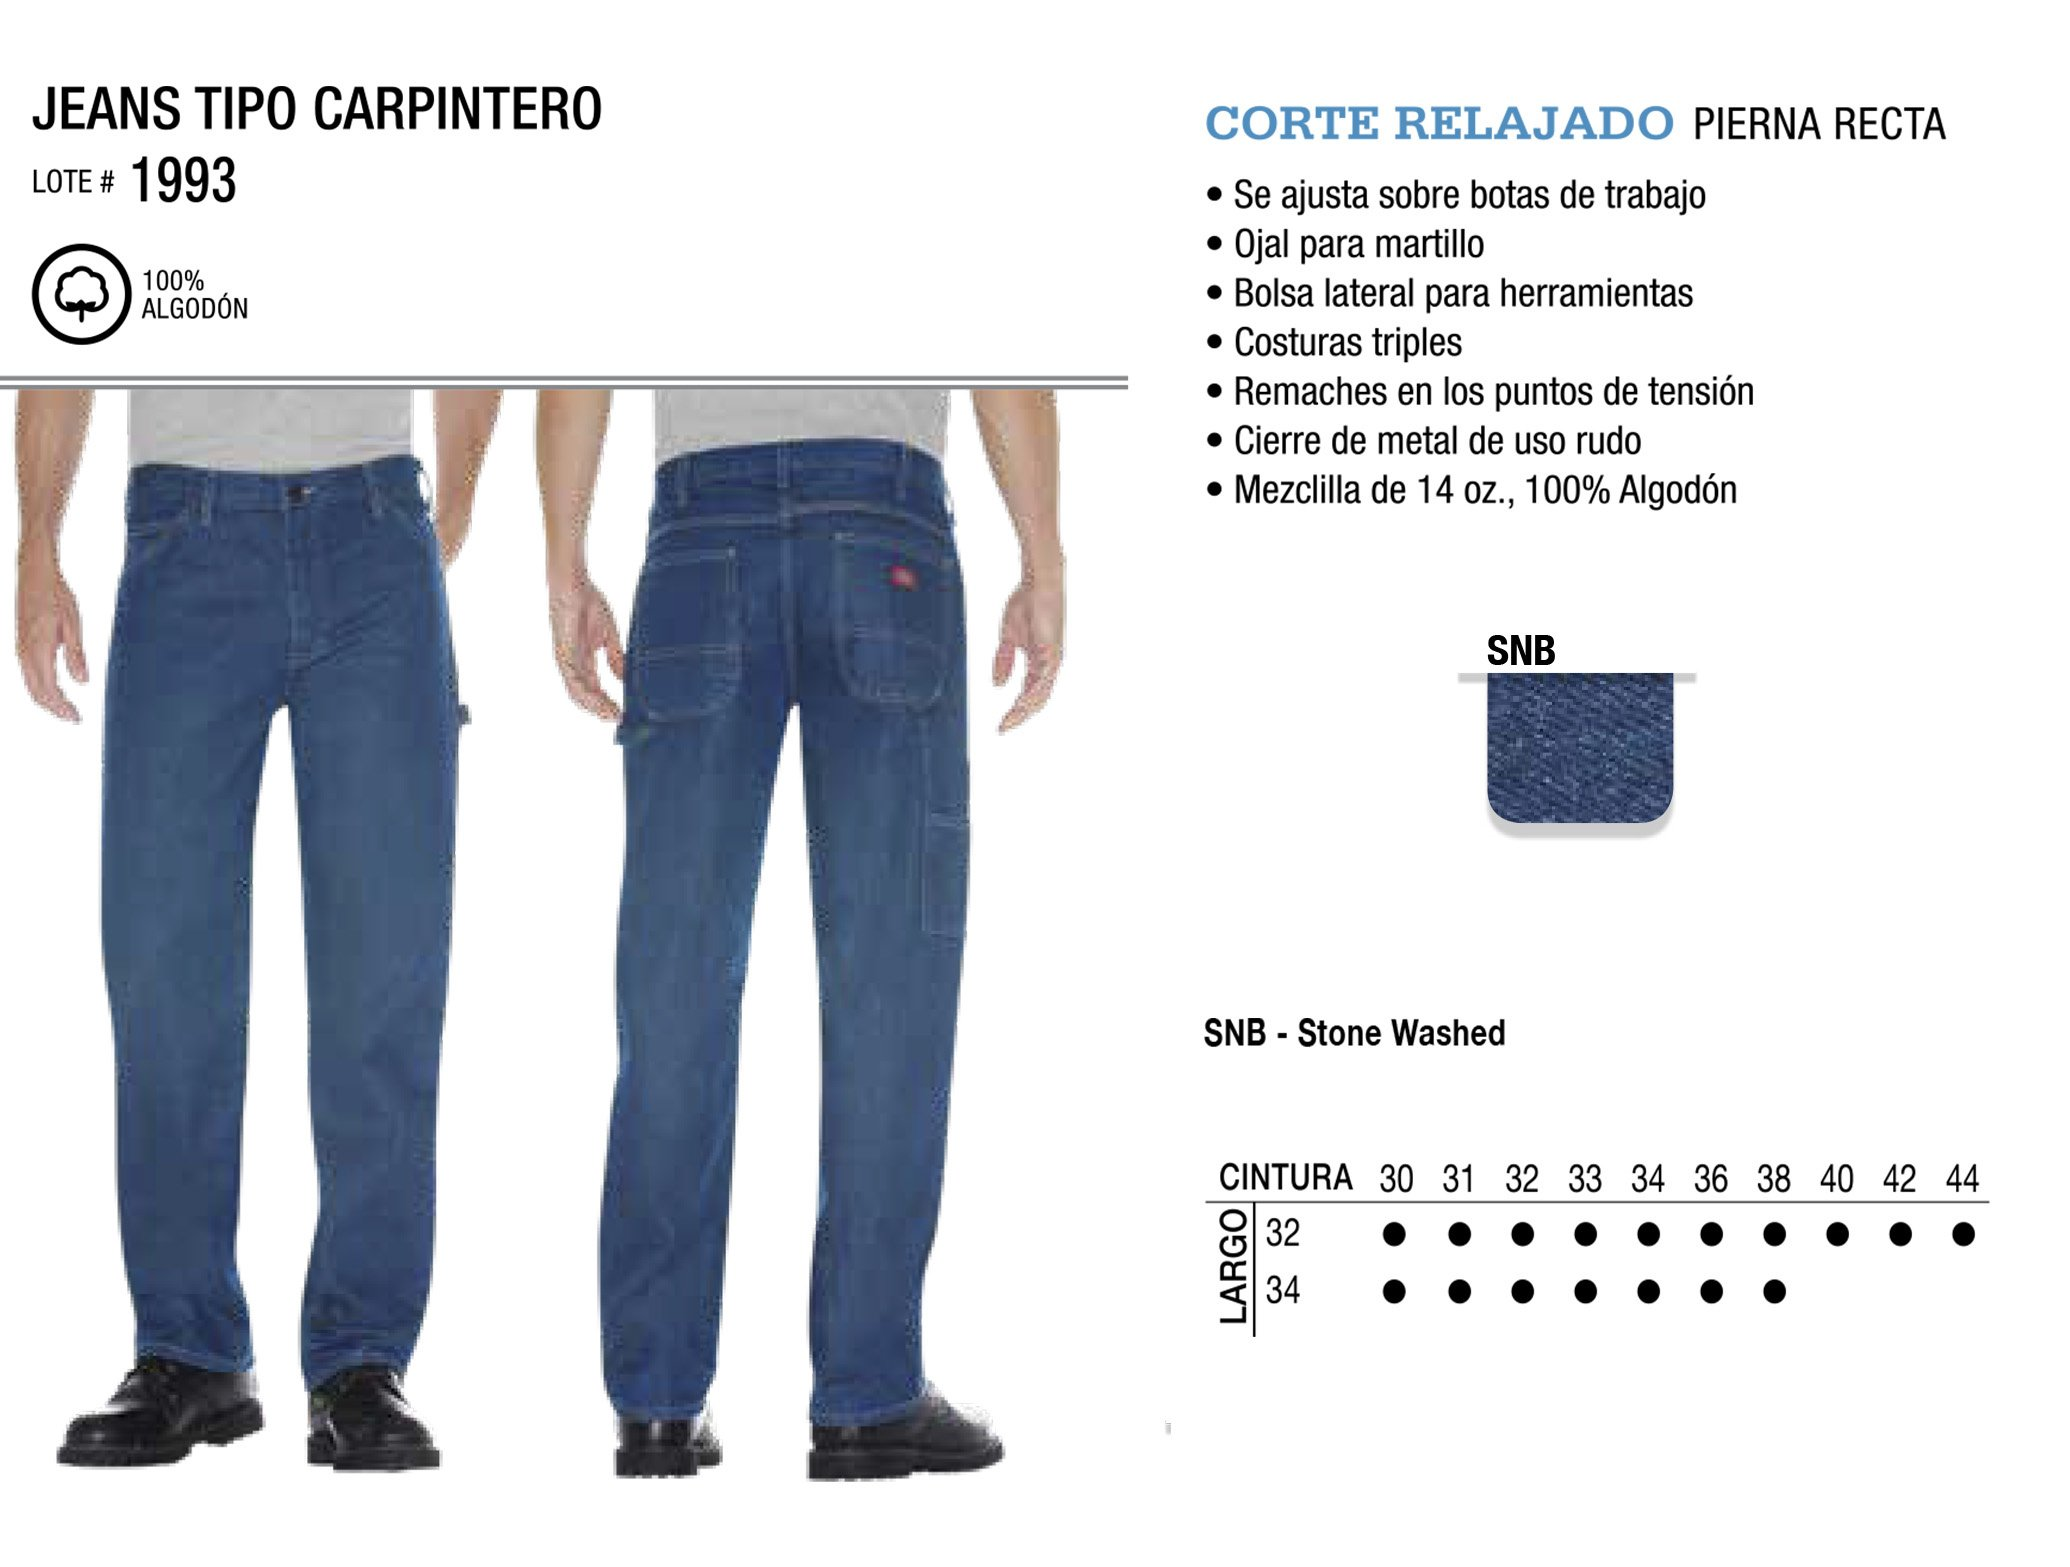 Jeans Tipo Carpintero. Corte Relajado. 1993.